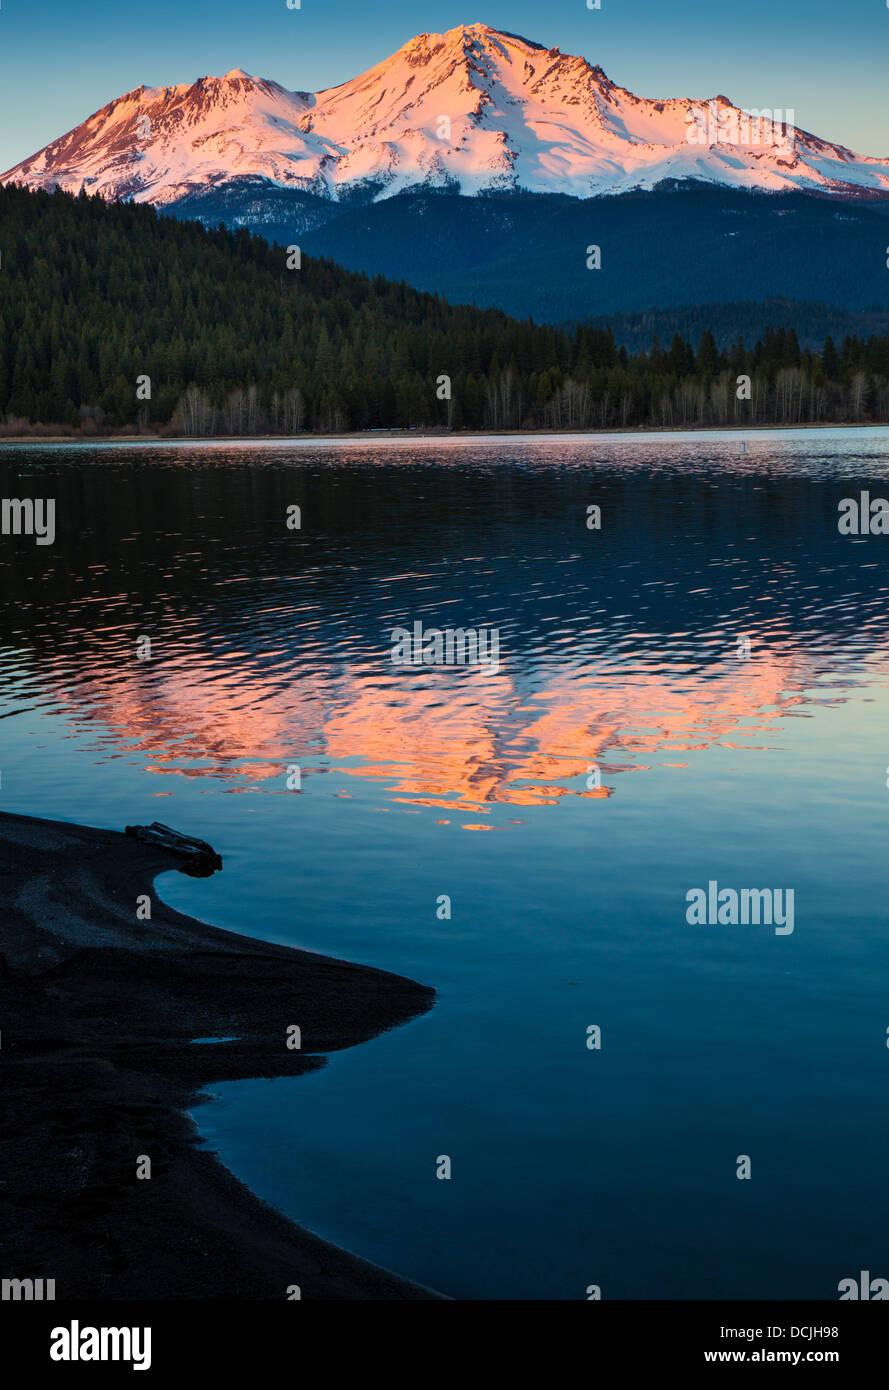 Le mont Shasta se reflétant dans le lac voisin, Siskiyou Californie Photo Stock